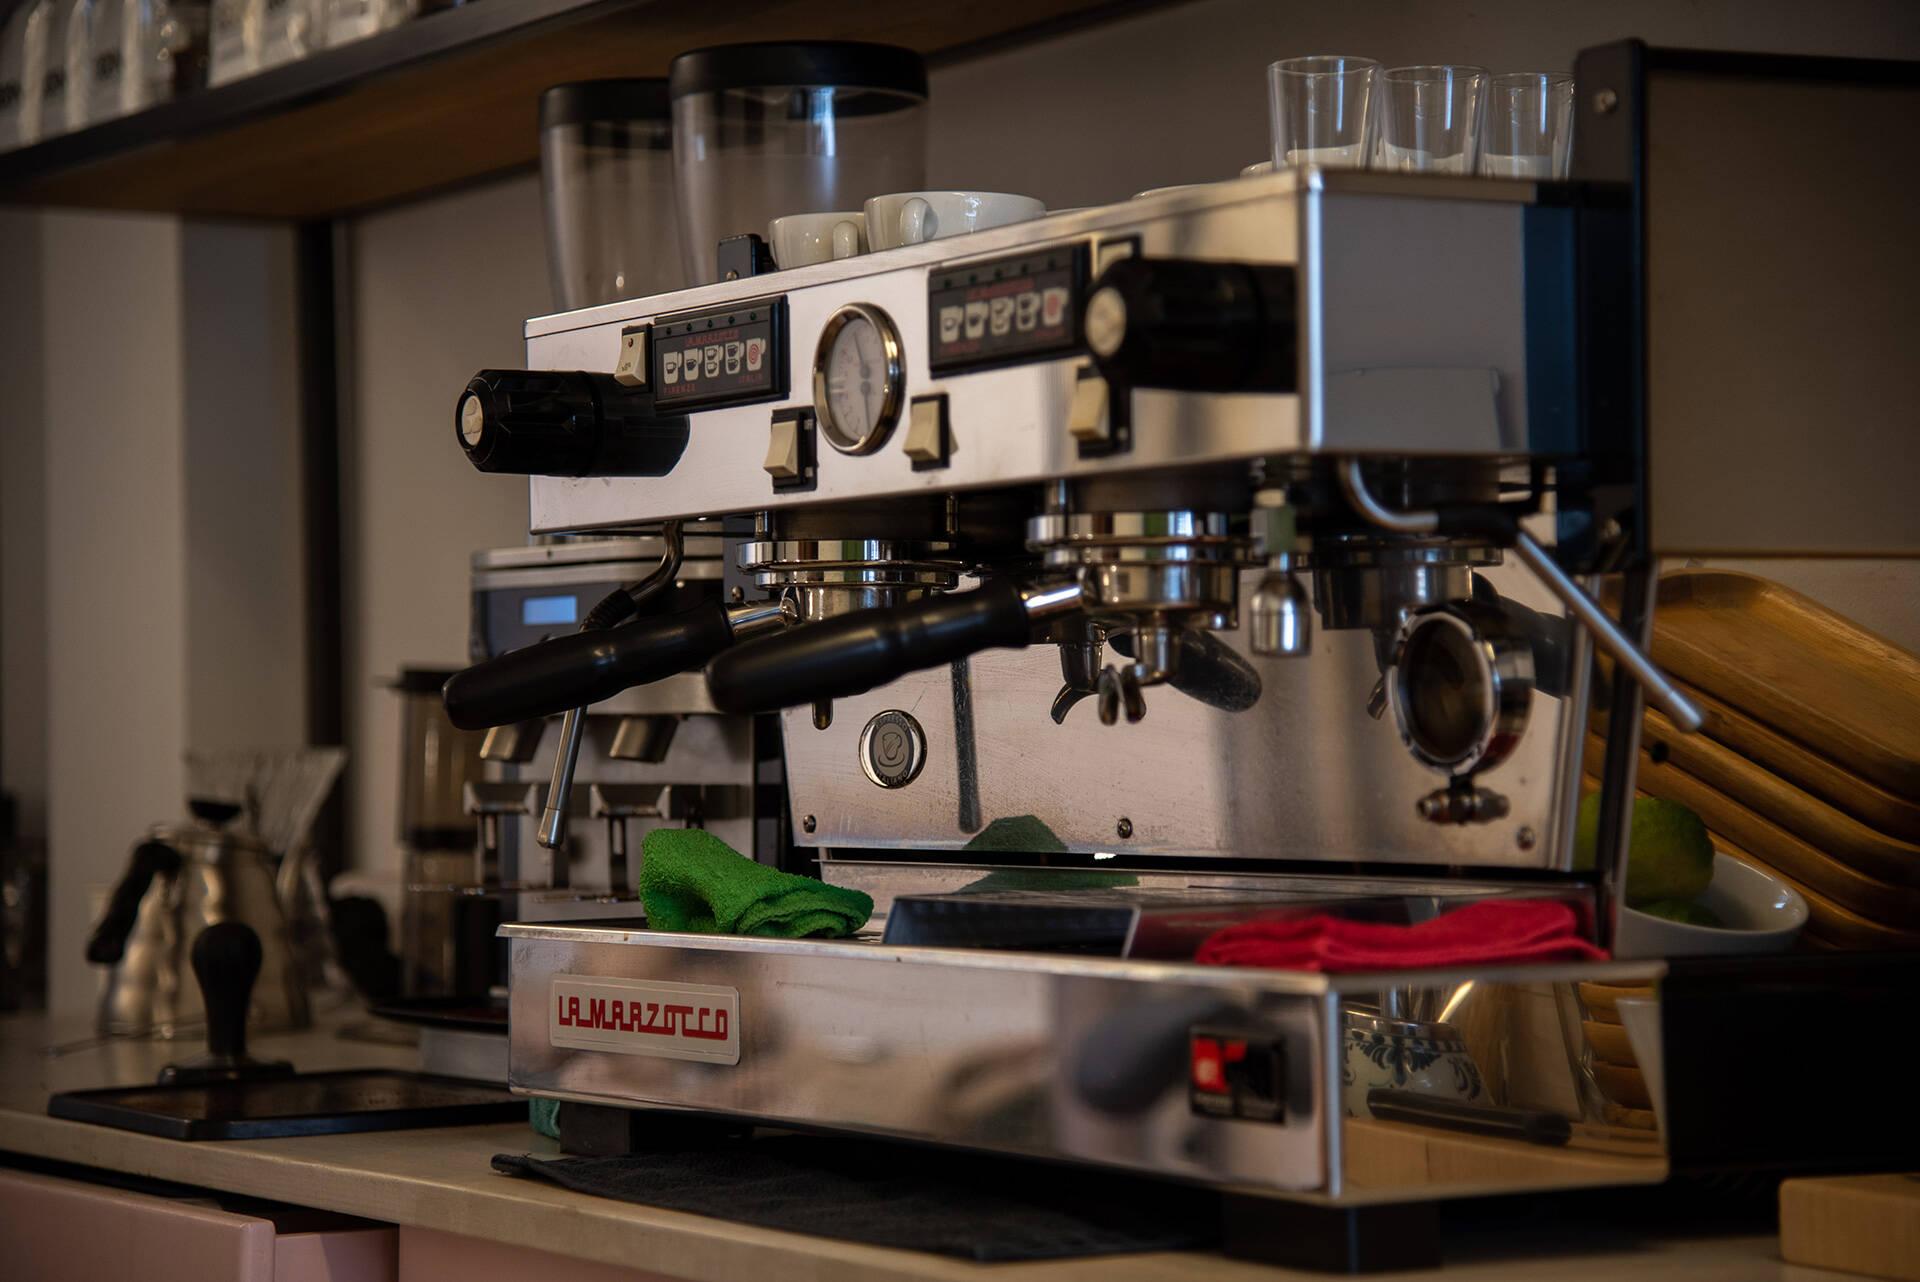 Koffiebranderij BOON in Den Haag